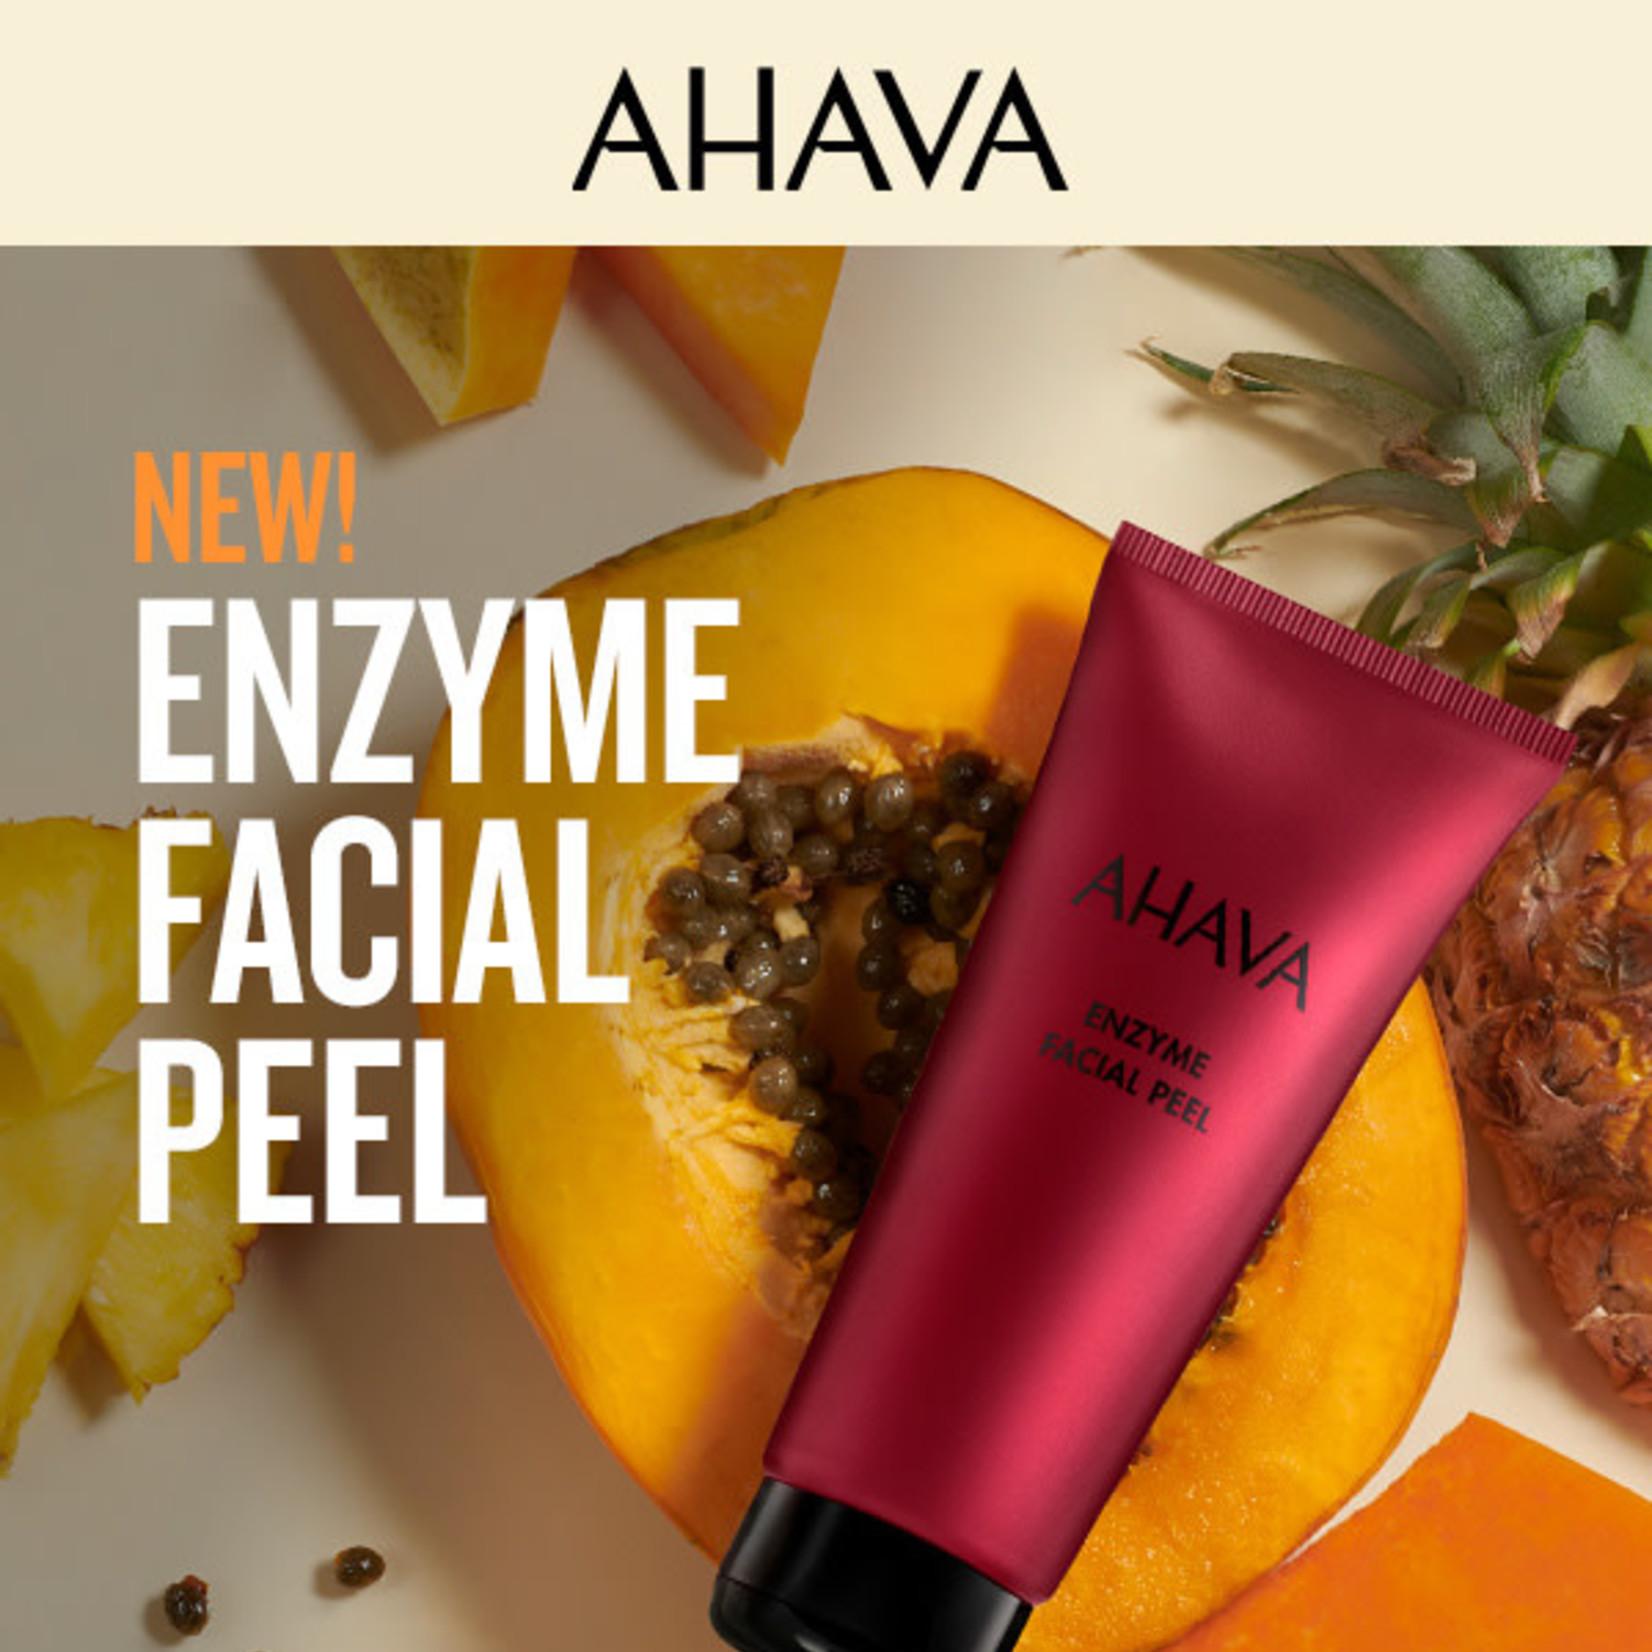 AHAVA Enzyme facial peel